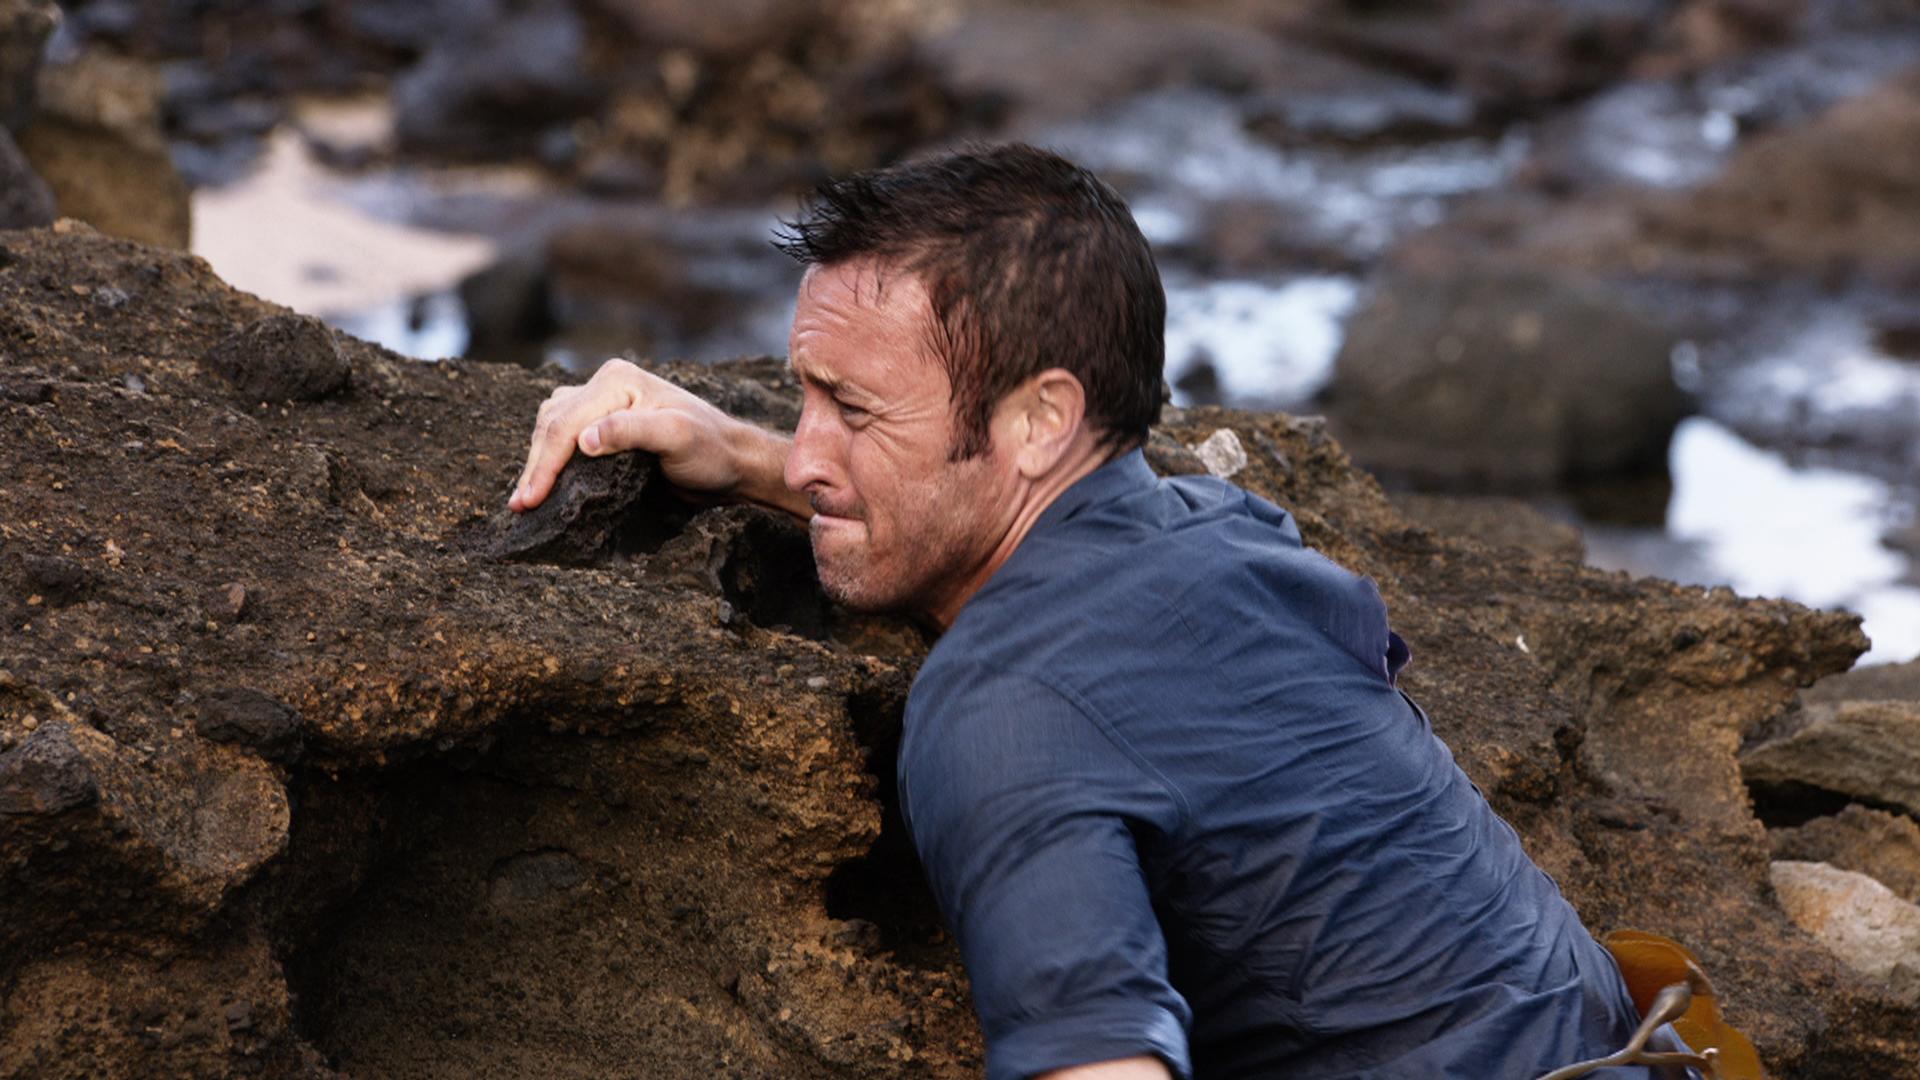 Watch Hawaii Five-0 Season 7 Episode 4: Hu a'e ke ahi lanakila a Kamaile -  Full show on CBS All Access